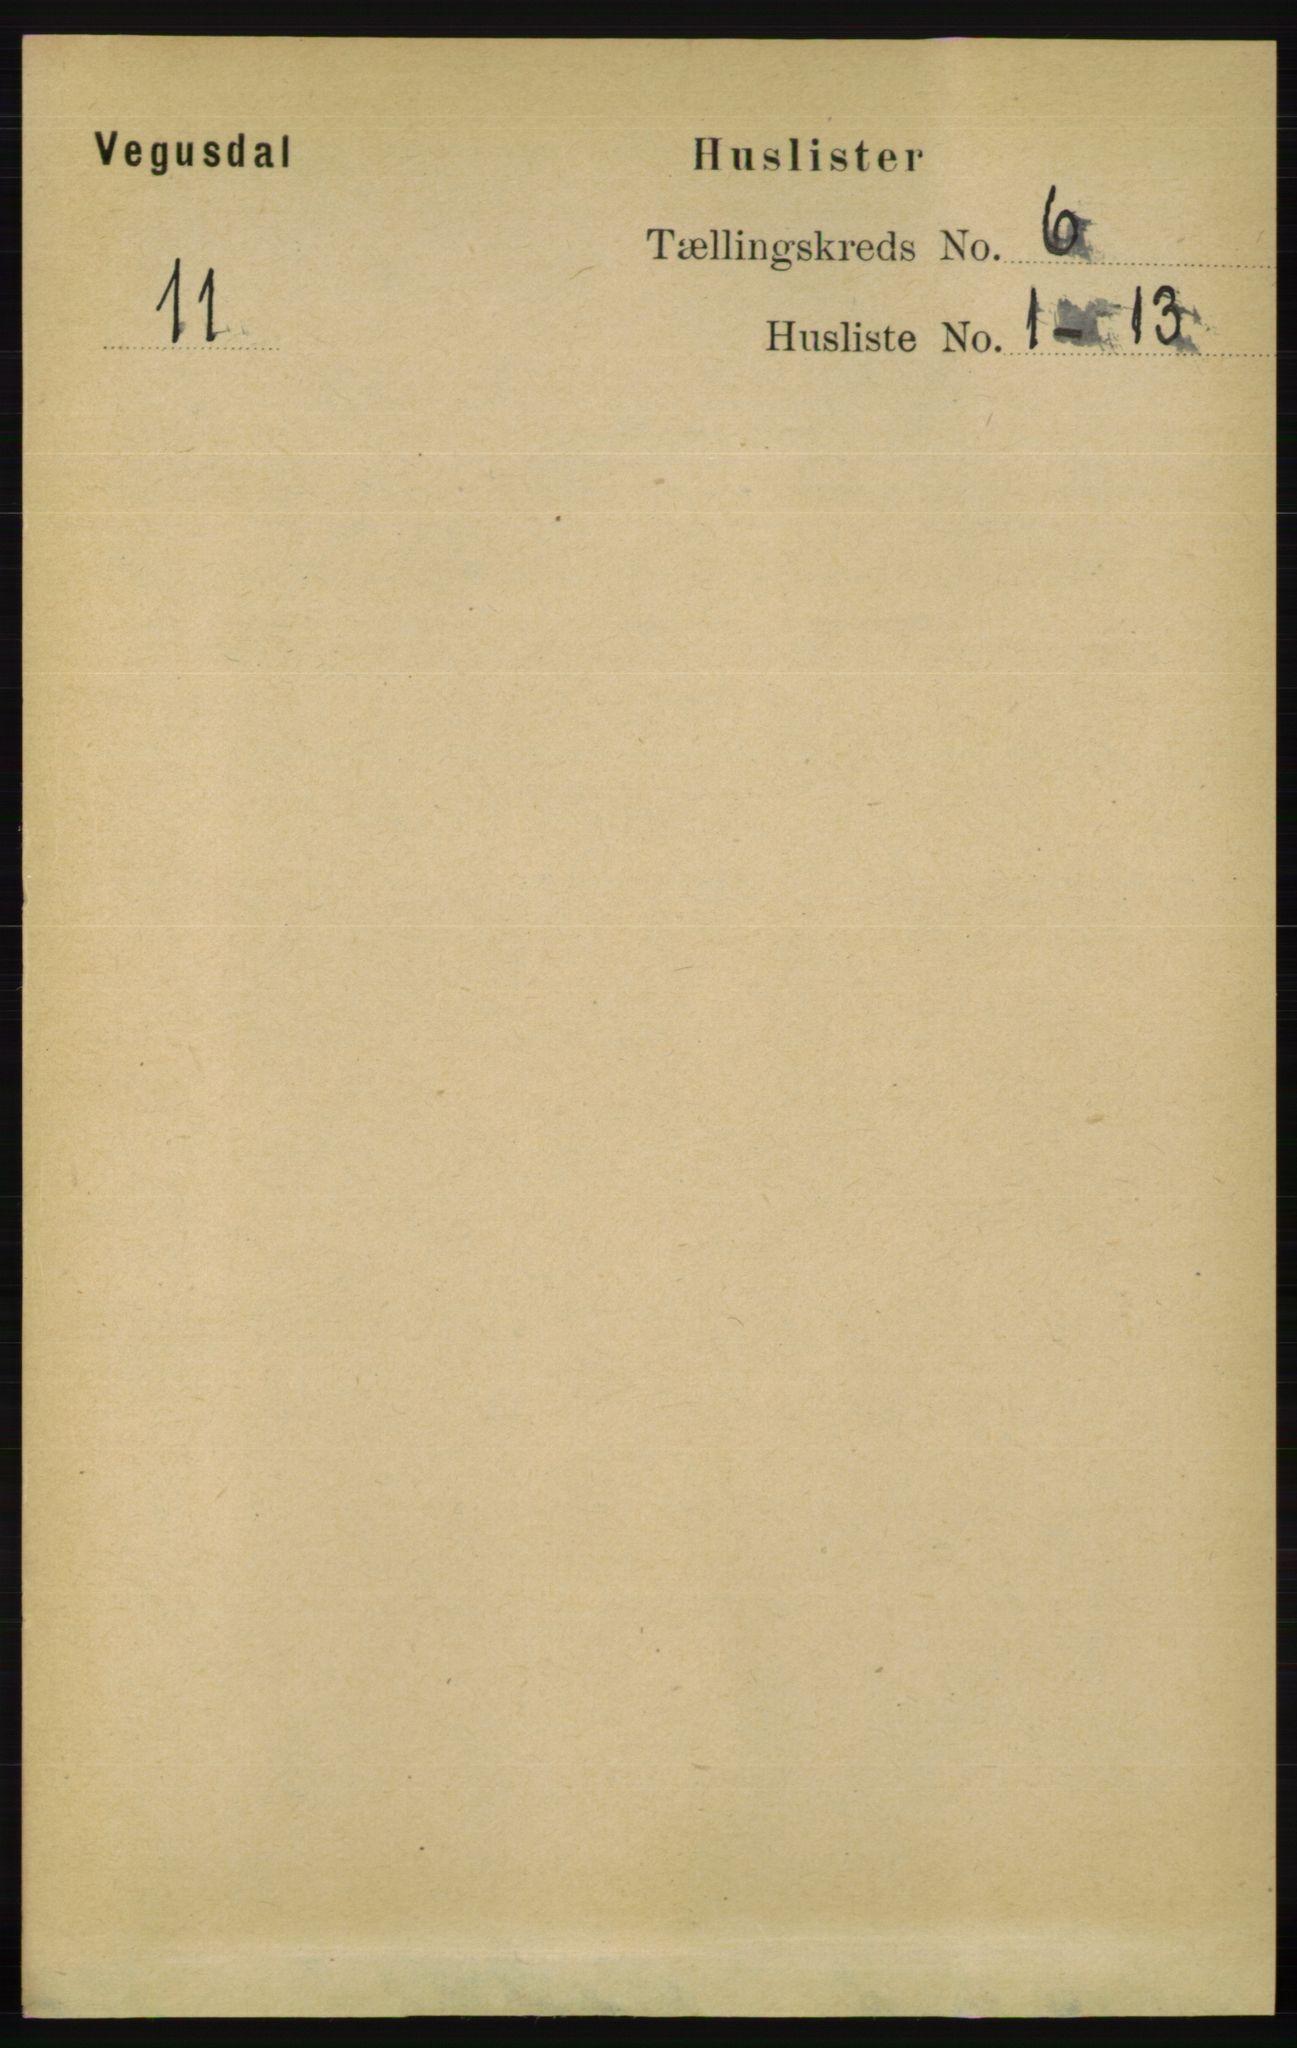 RA, Folketelling 1891 for 0934 Vegusdal herred, 1891, s. 1063